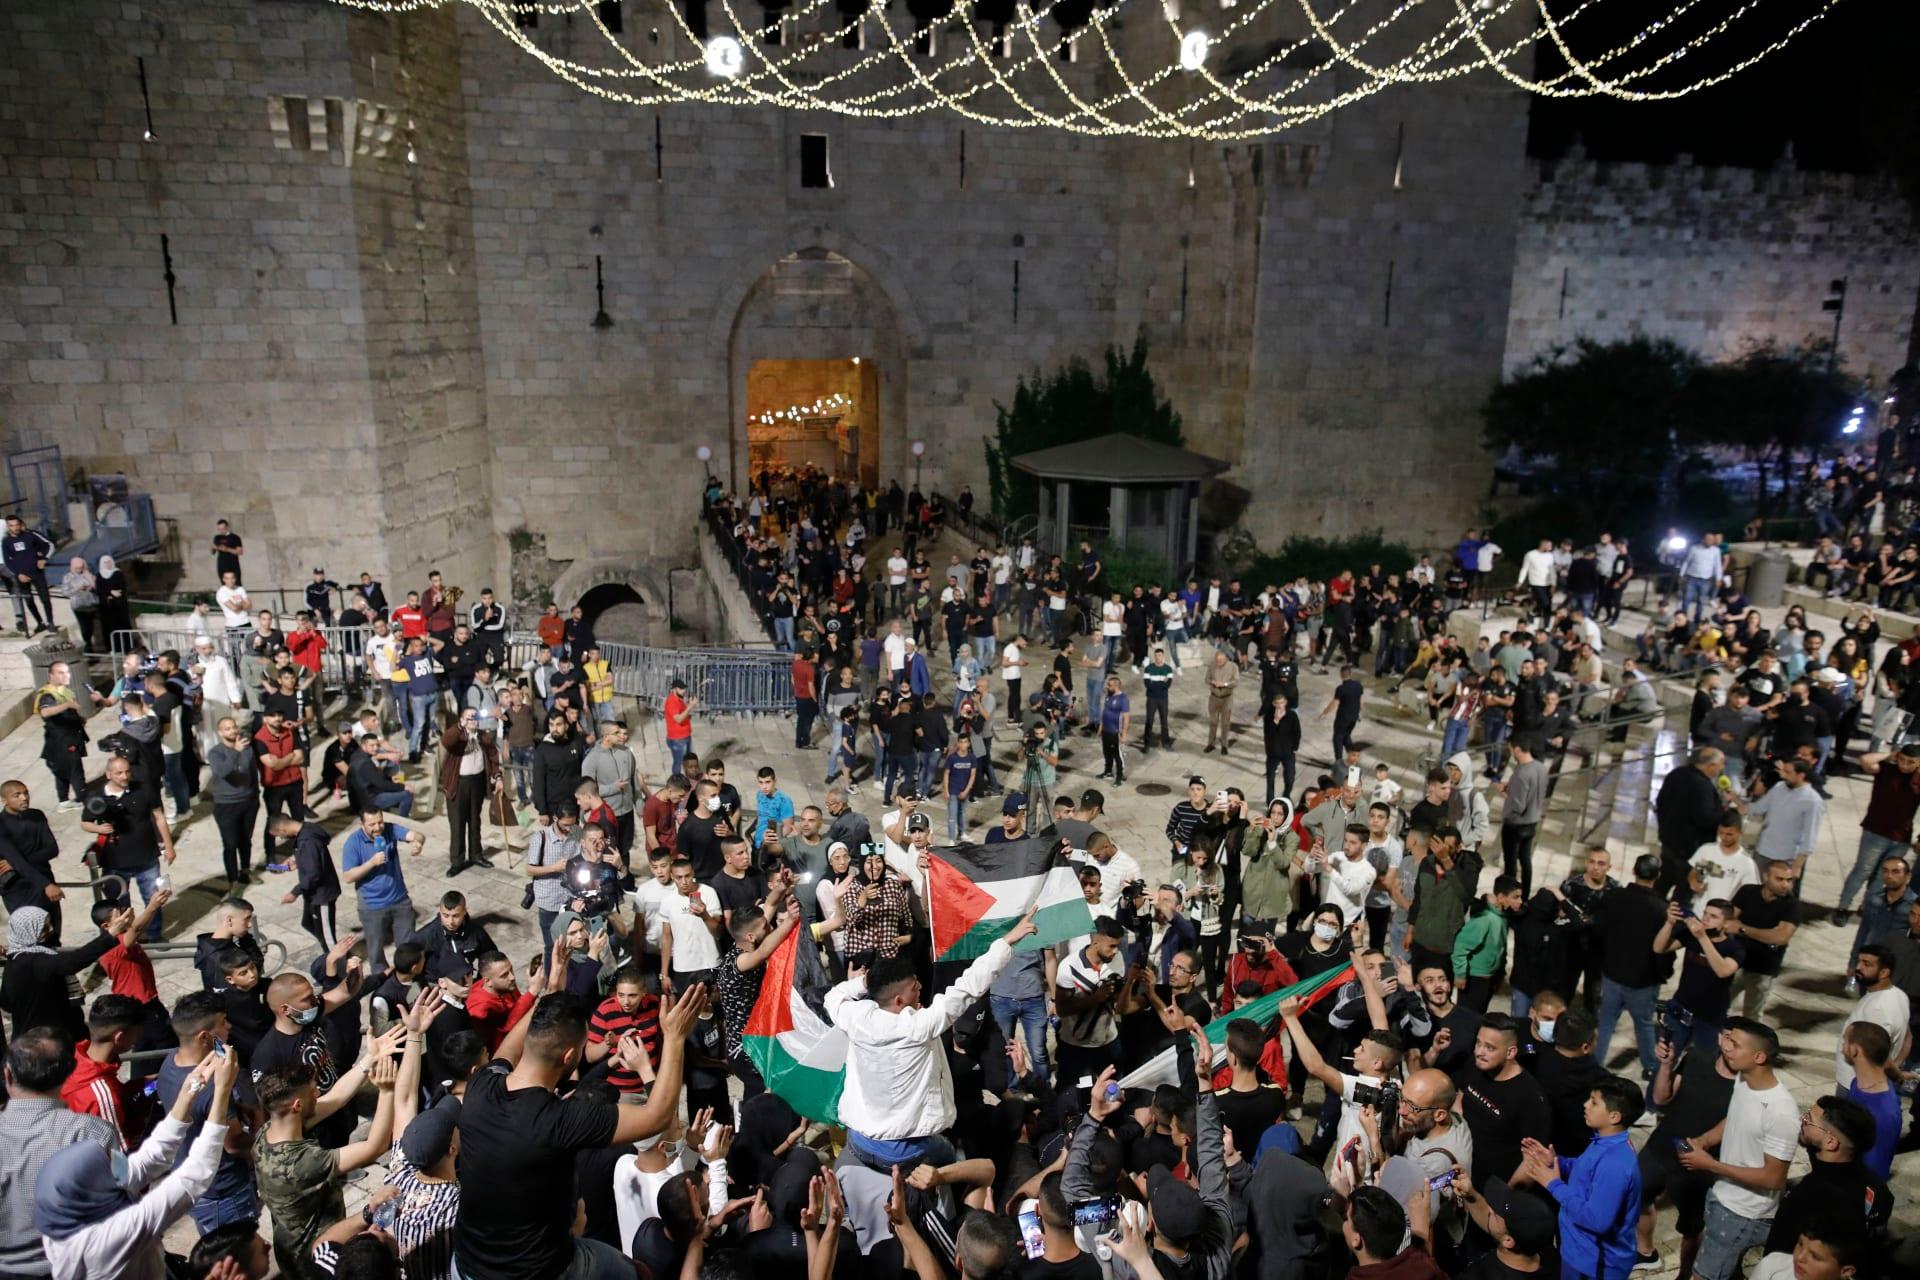 مئات الفلسطينيين يتجمعون في ساحة باب العامود بعد إزالة إسرائيل للحواجز الحديدية